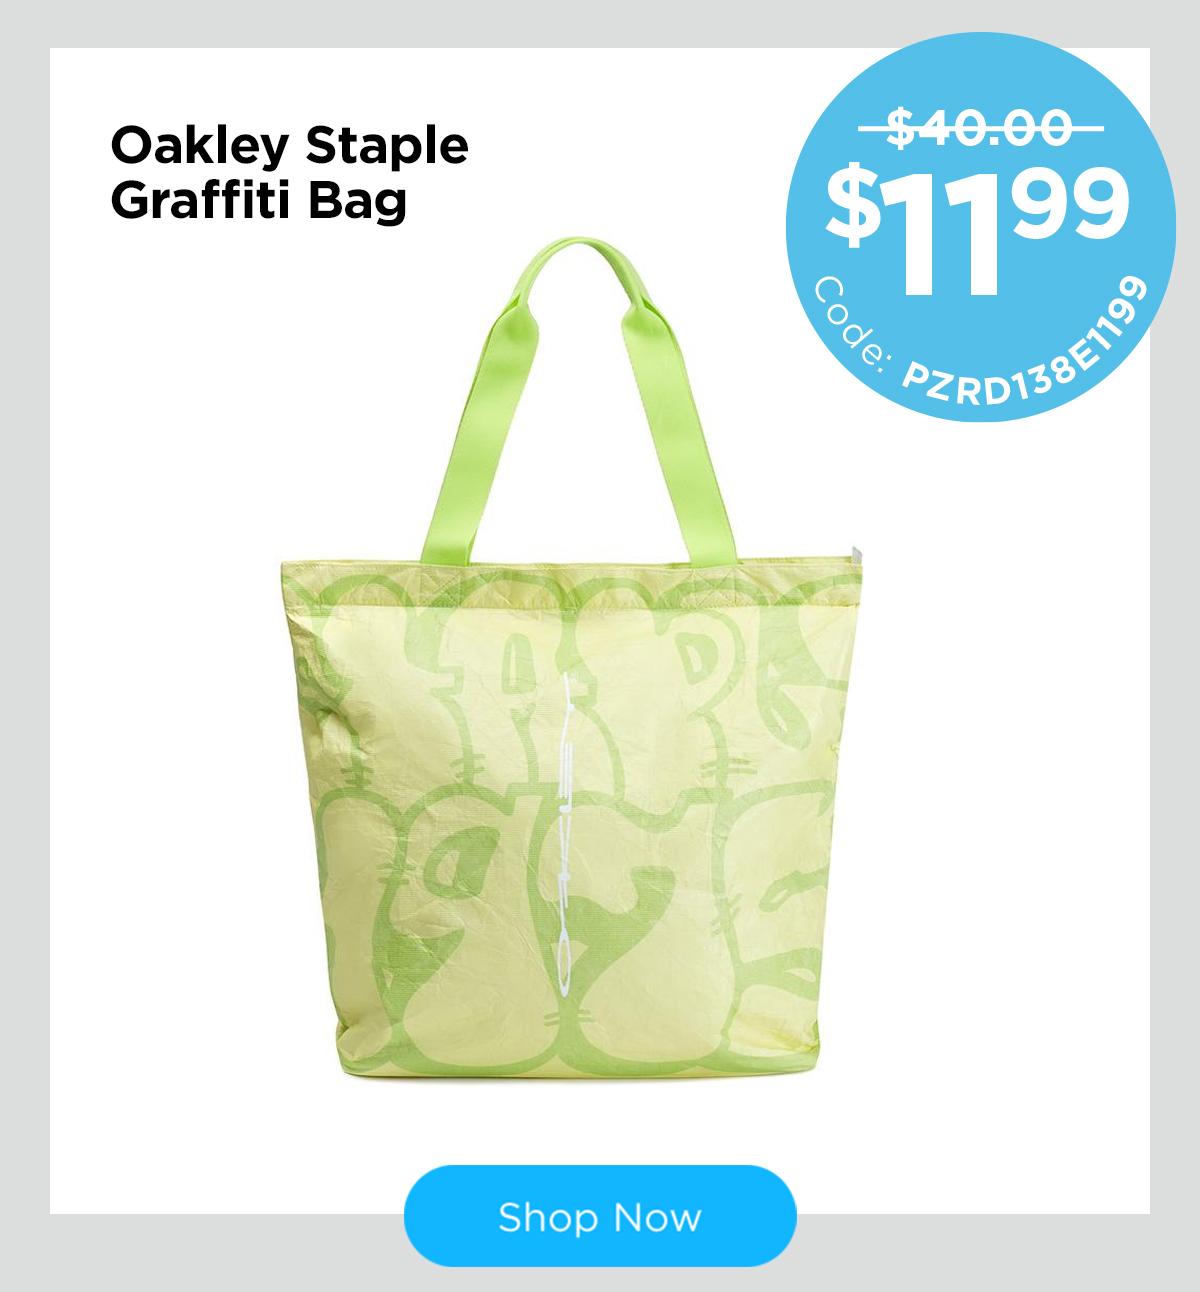 Oakley Staple Graffiti Bag Pale Lime Yellow One Size